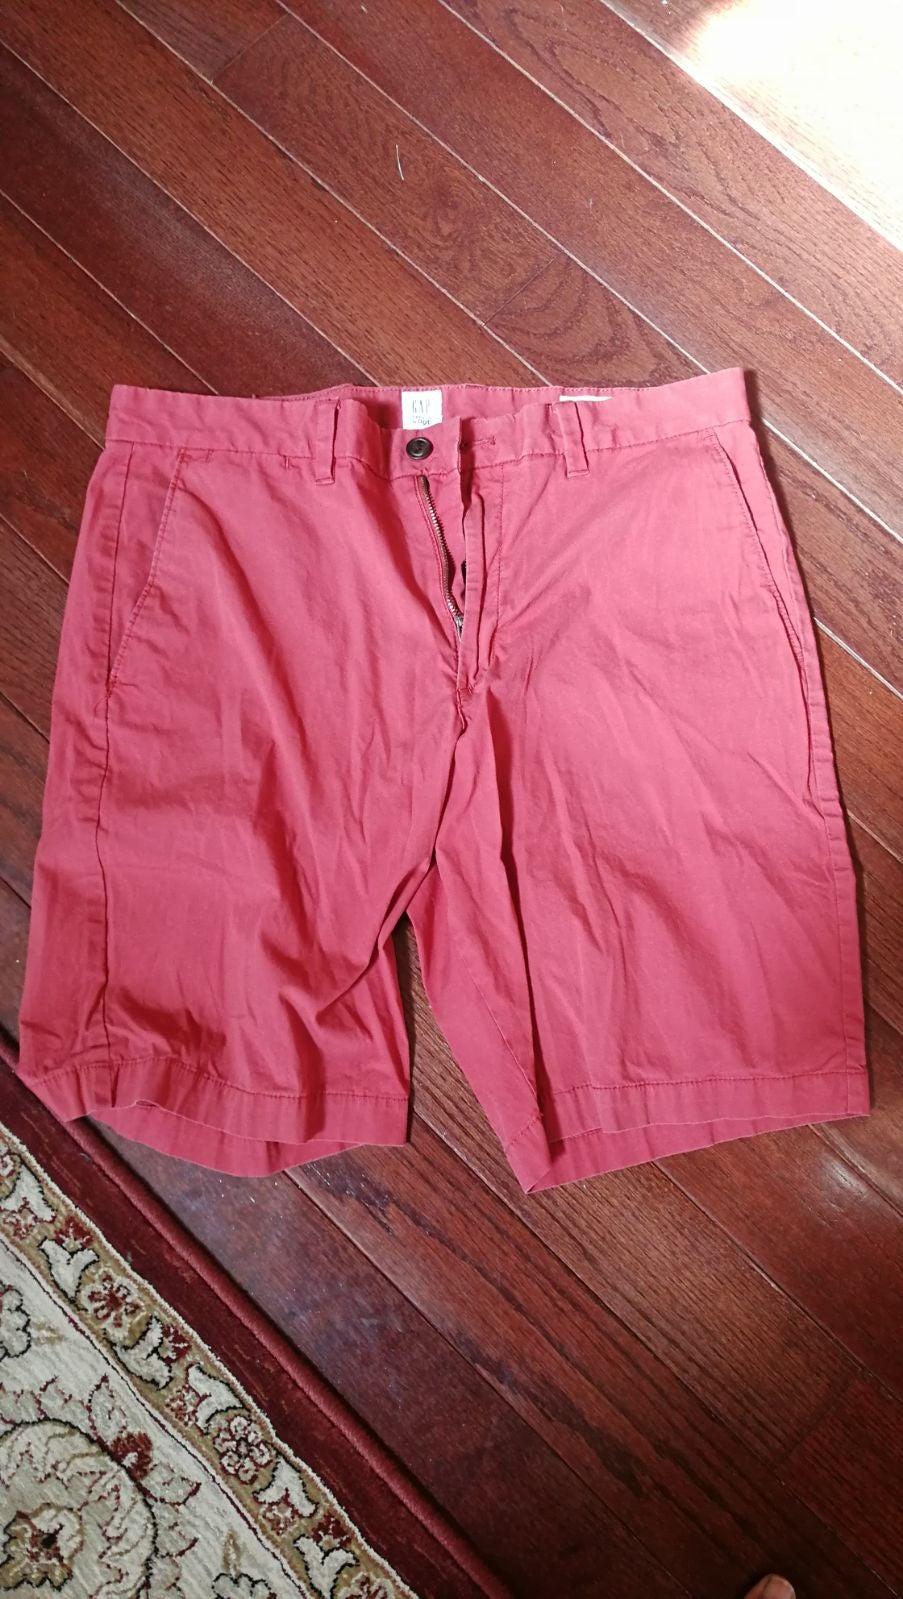 Gap Men's Khaki Shorts